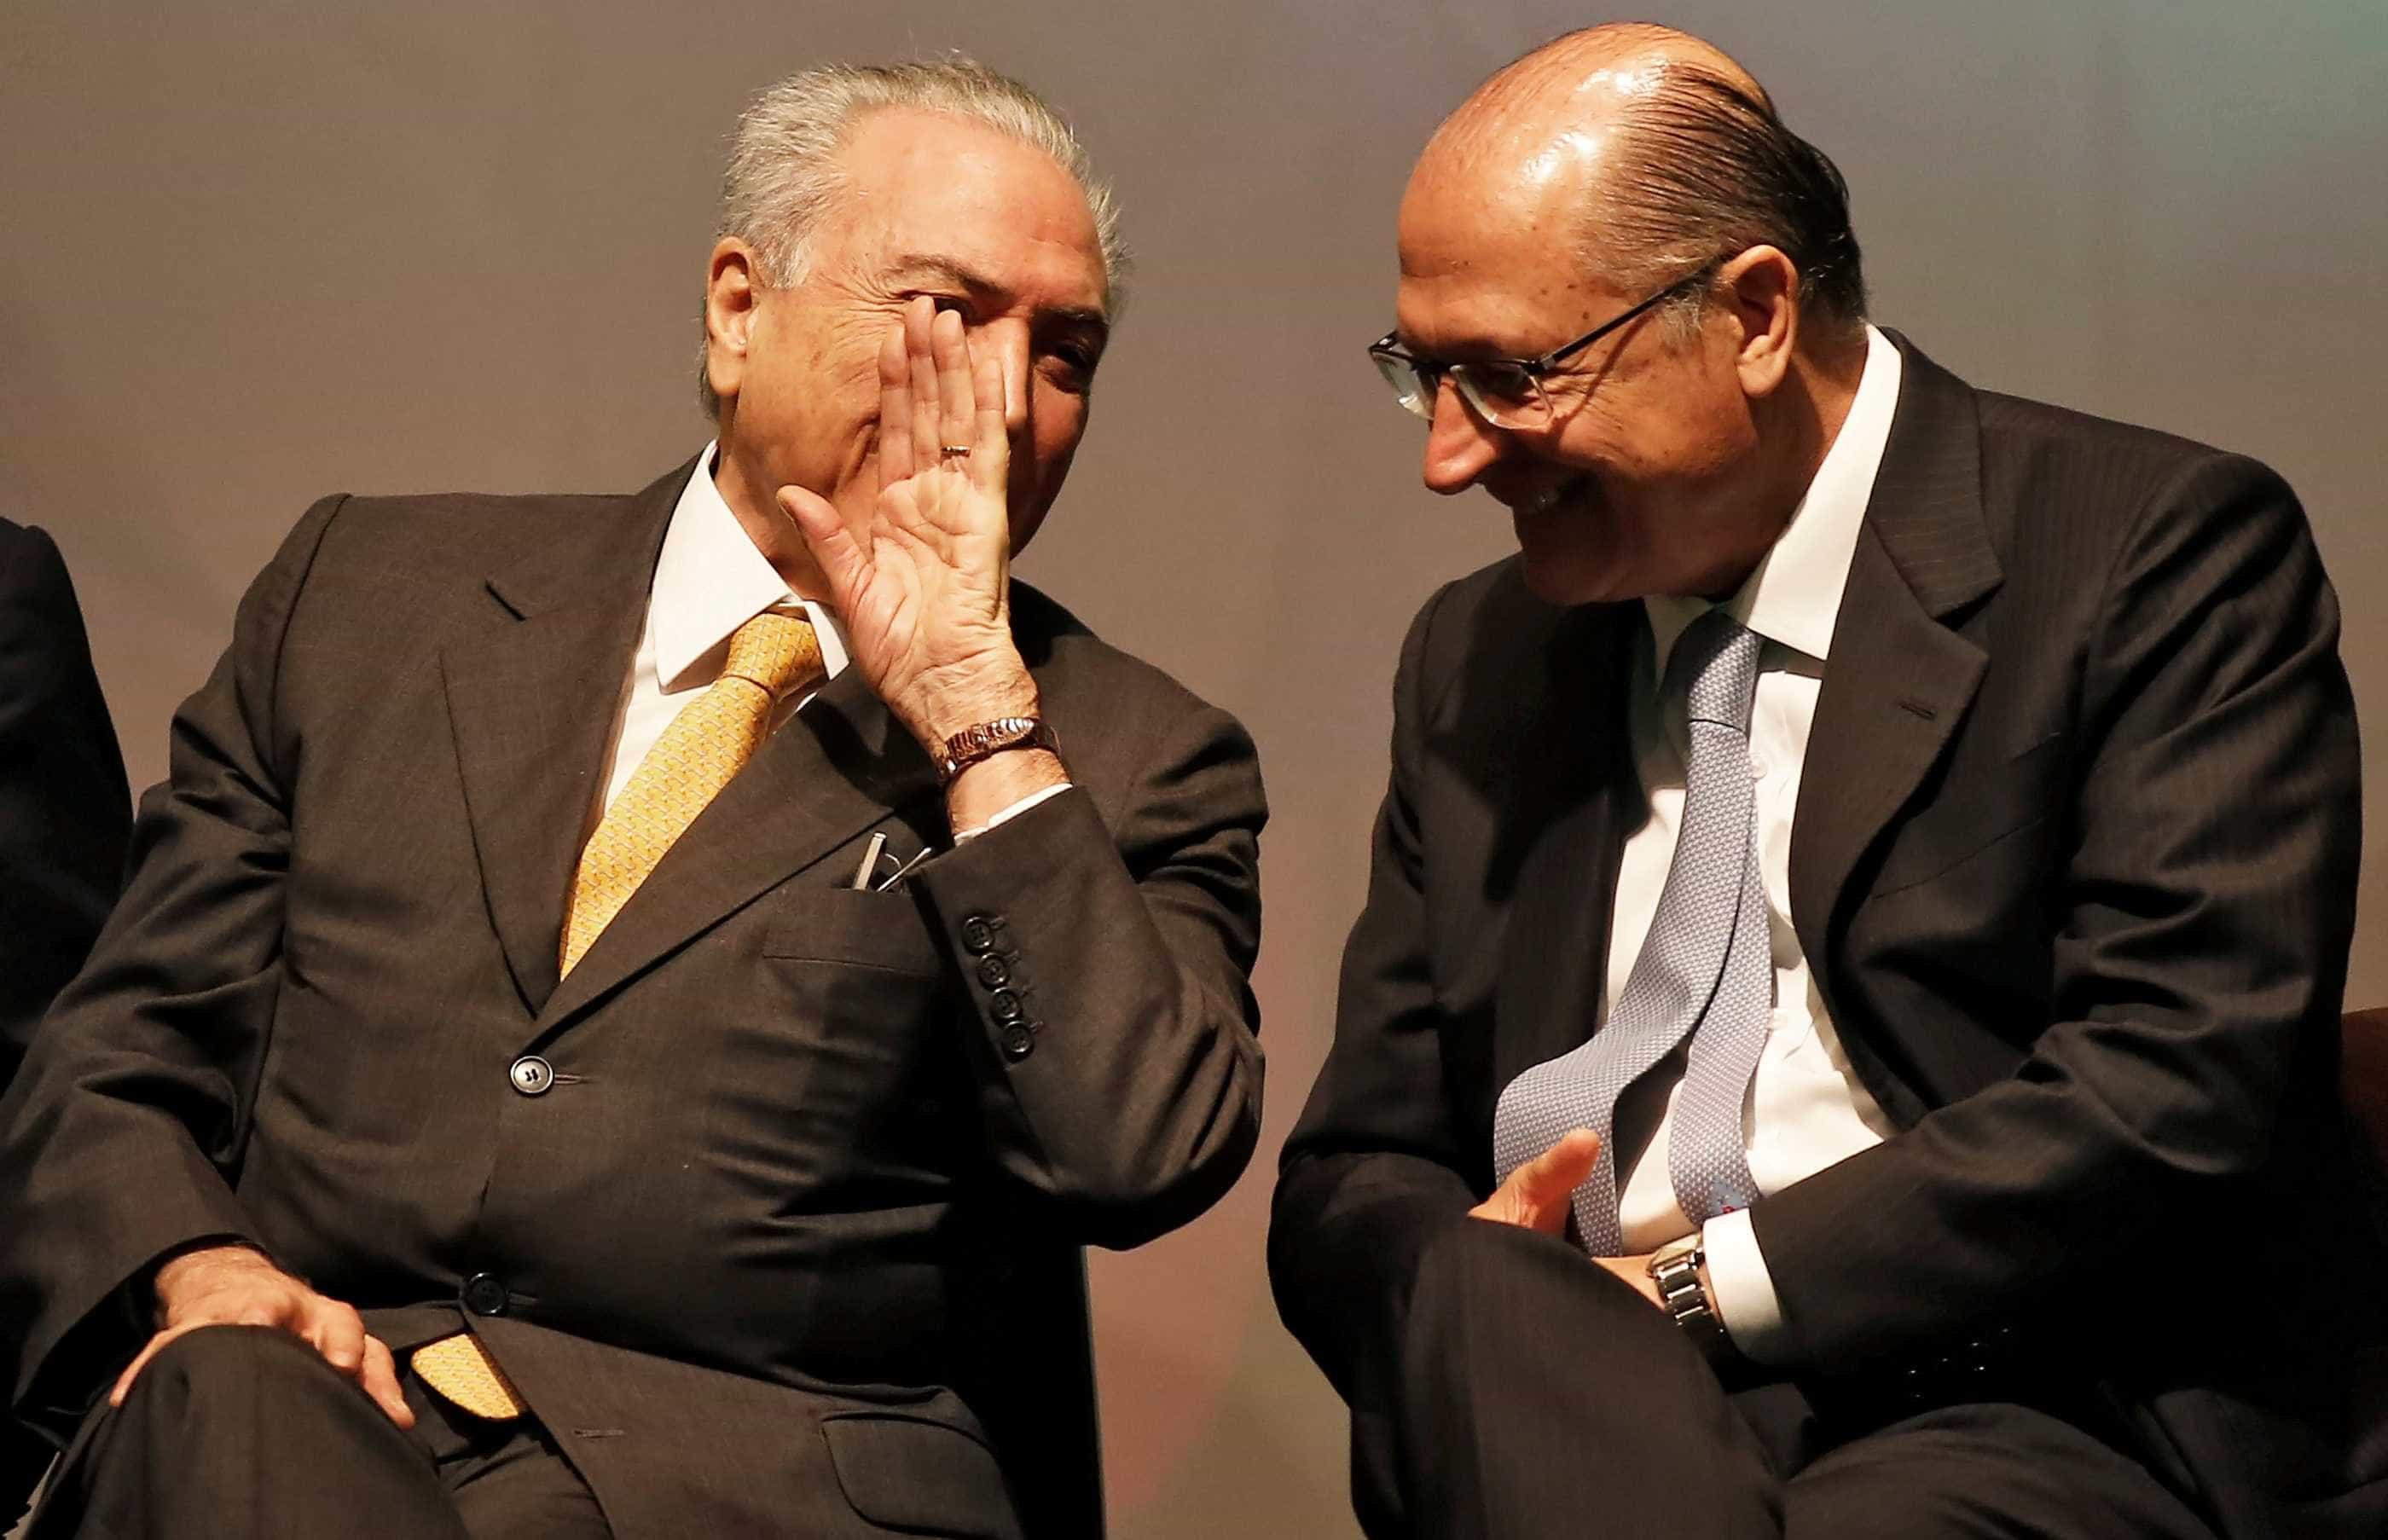 Em troca de apoio, Alckmin pode dar cargo a Temer e blindá-lo com foro